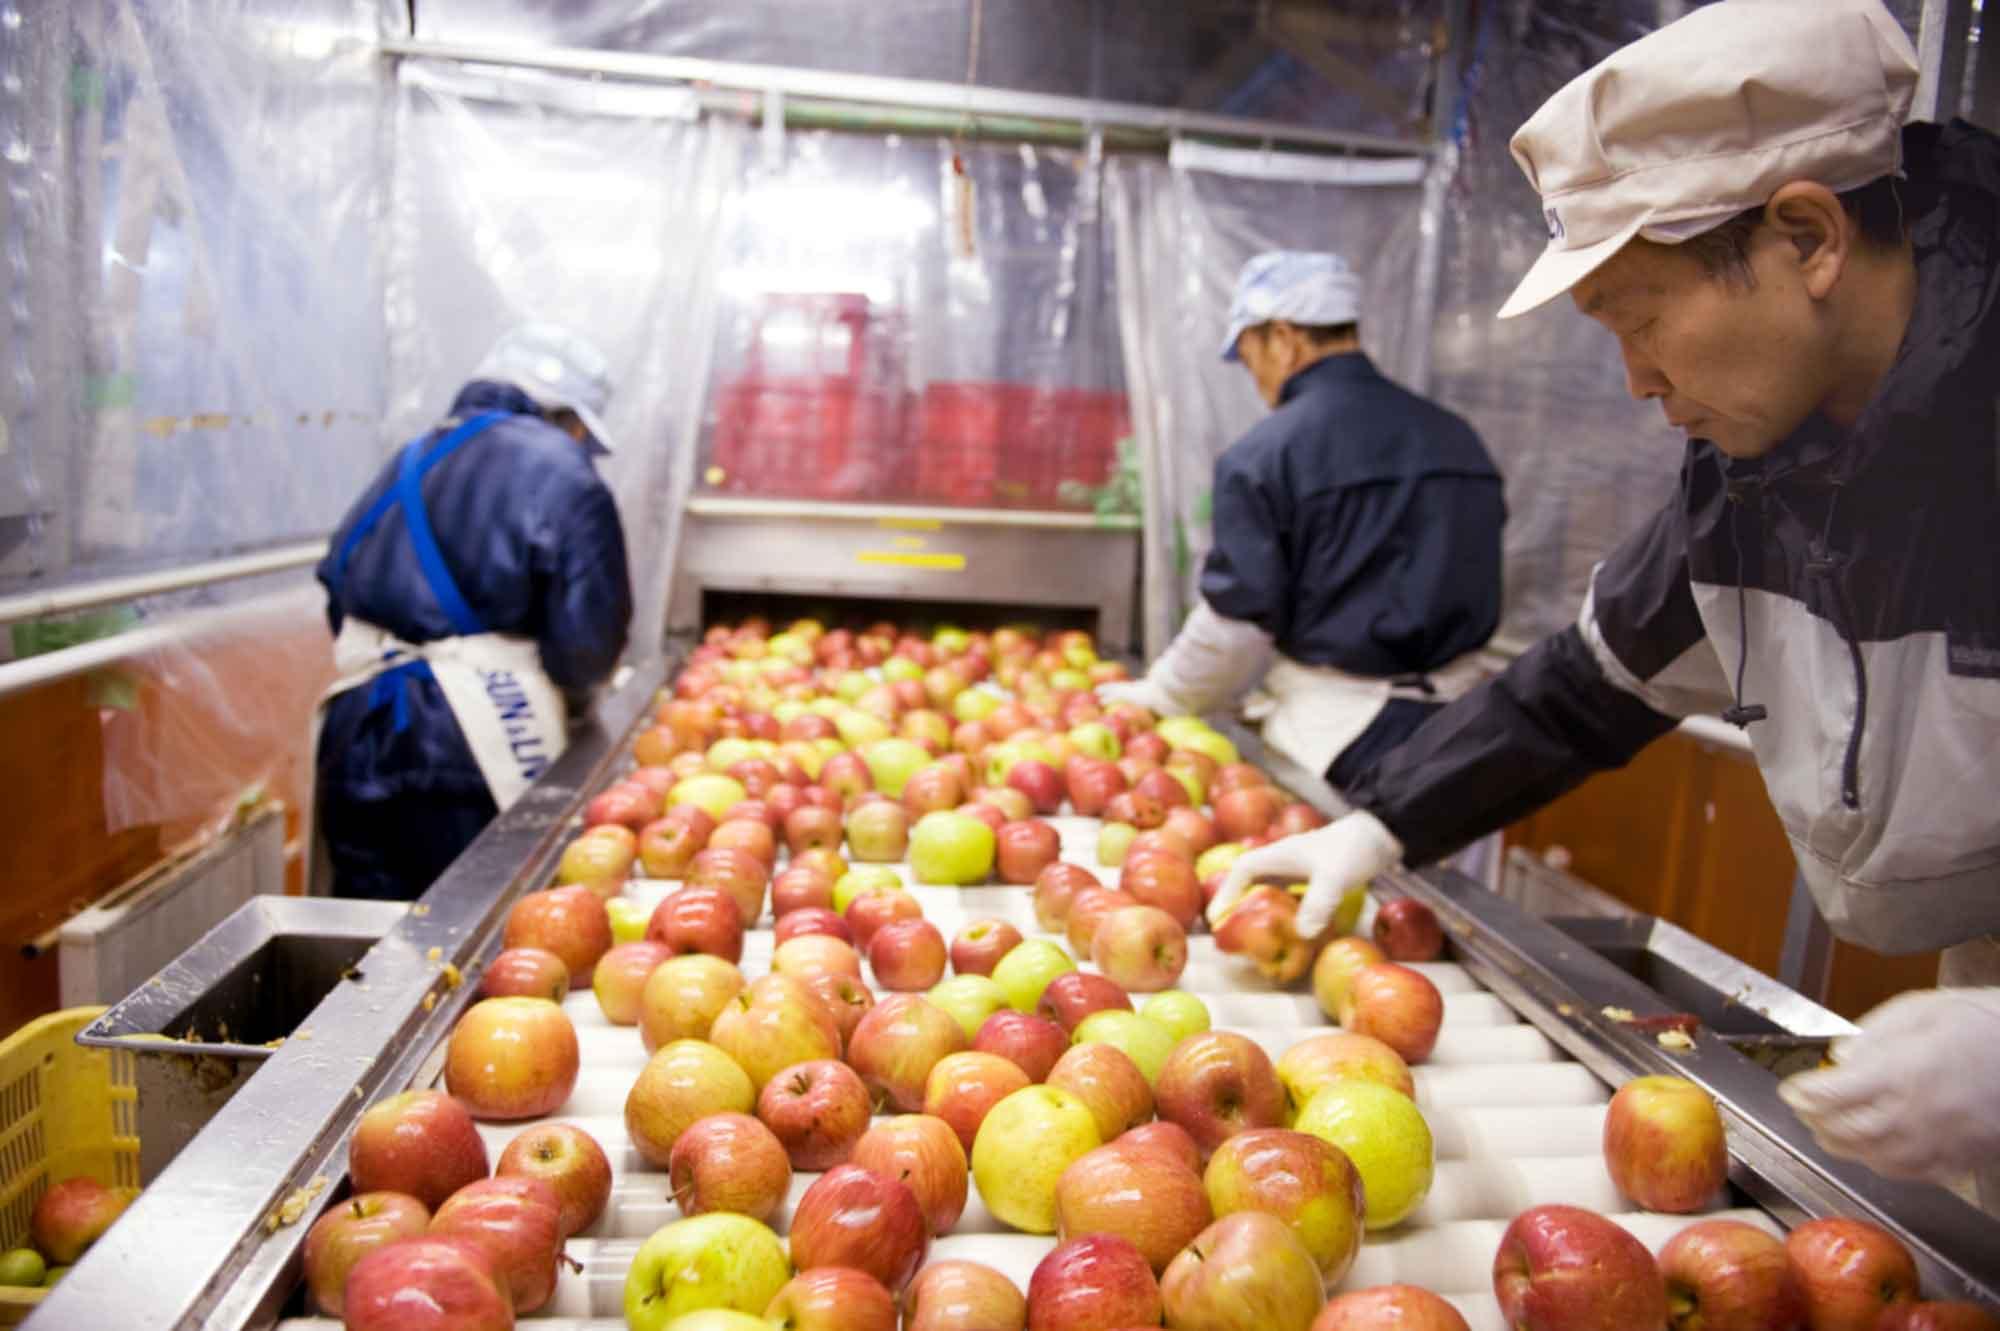 山形県アンテナショップおいしい山形 つくり手を訪ねて|山形食品株式会社:洗浄後、痛んでいるりんごをスタッフの手と目によって選別。熟練の技が光ります。